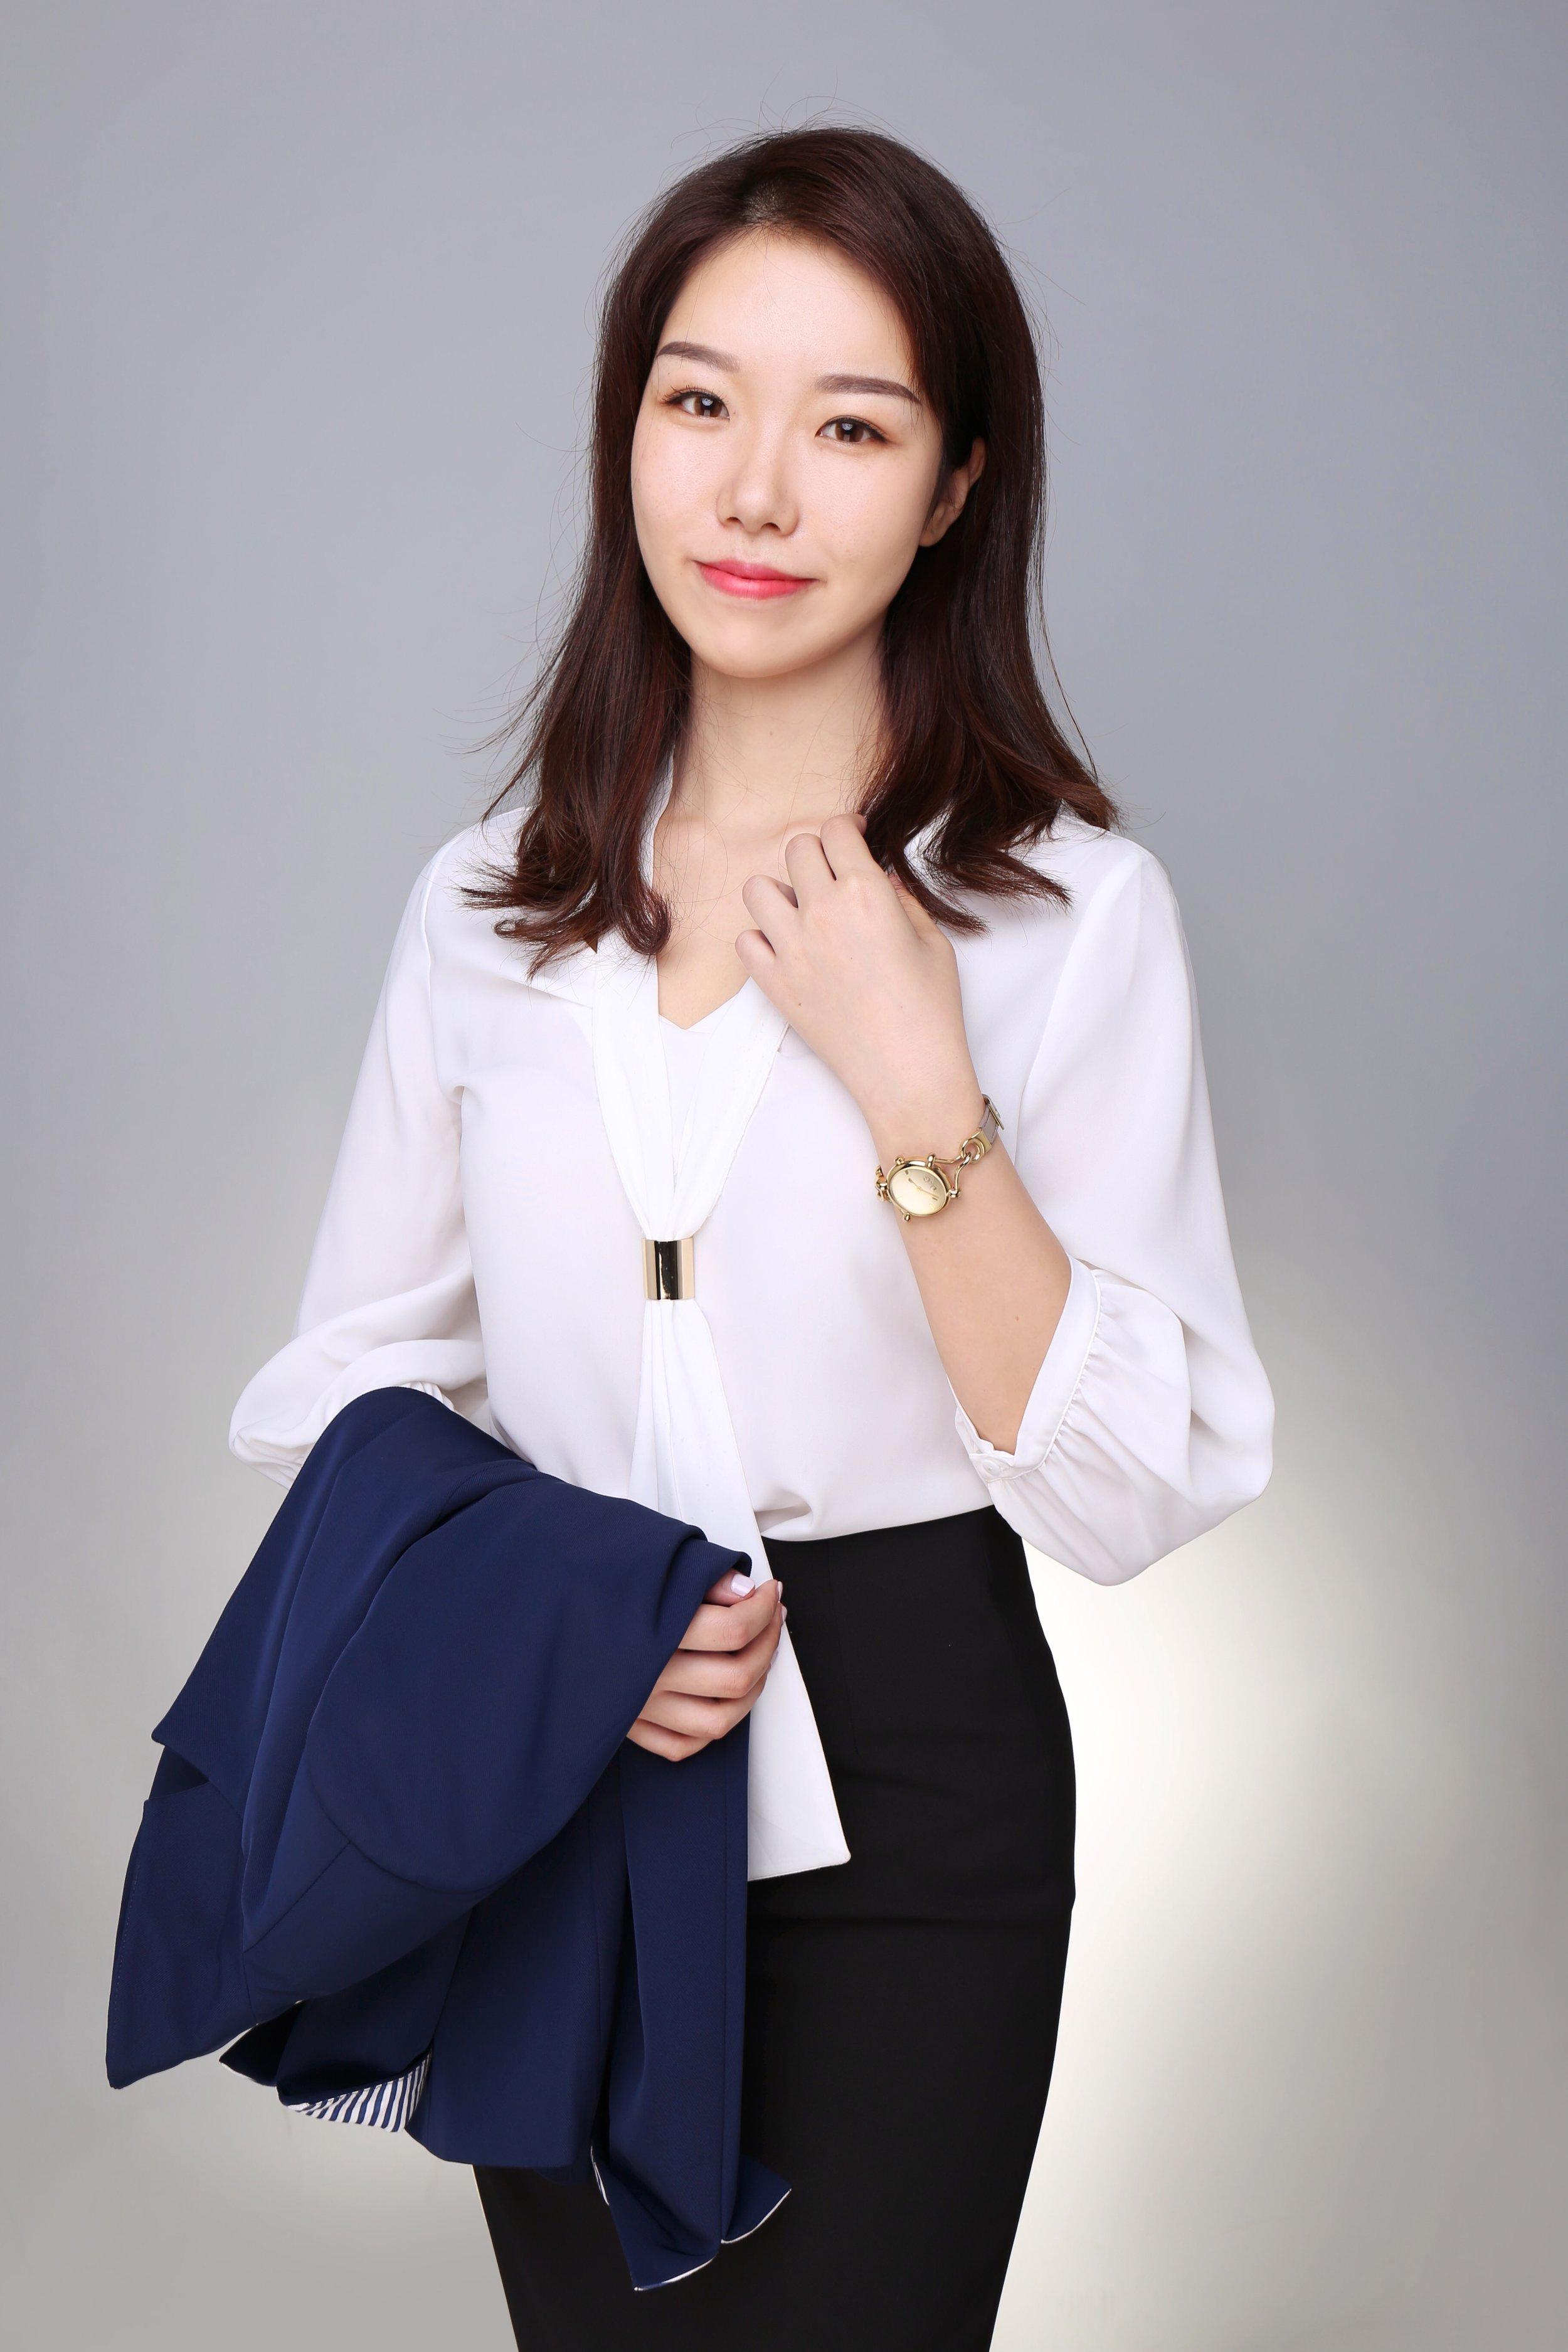 Sixu Chen